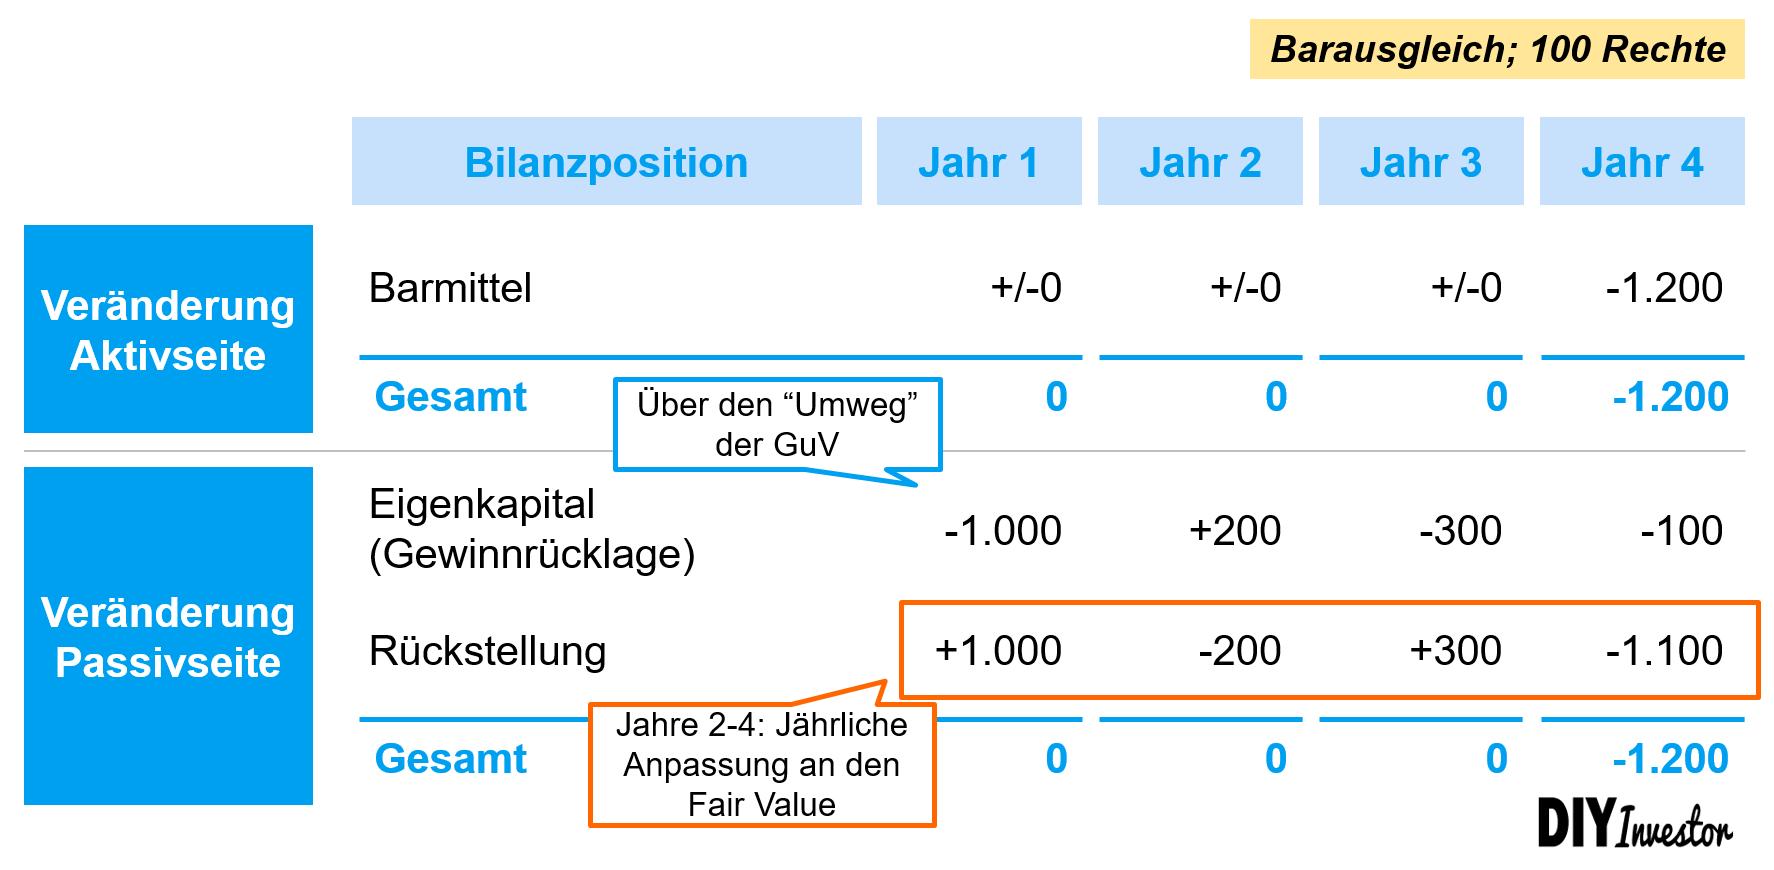 Stock-based Compensation mit Barausgleich - Beispiel